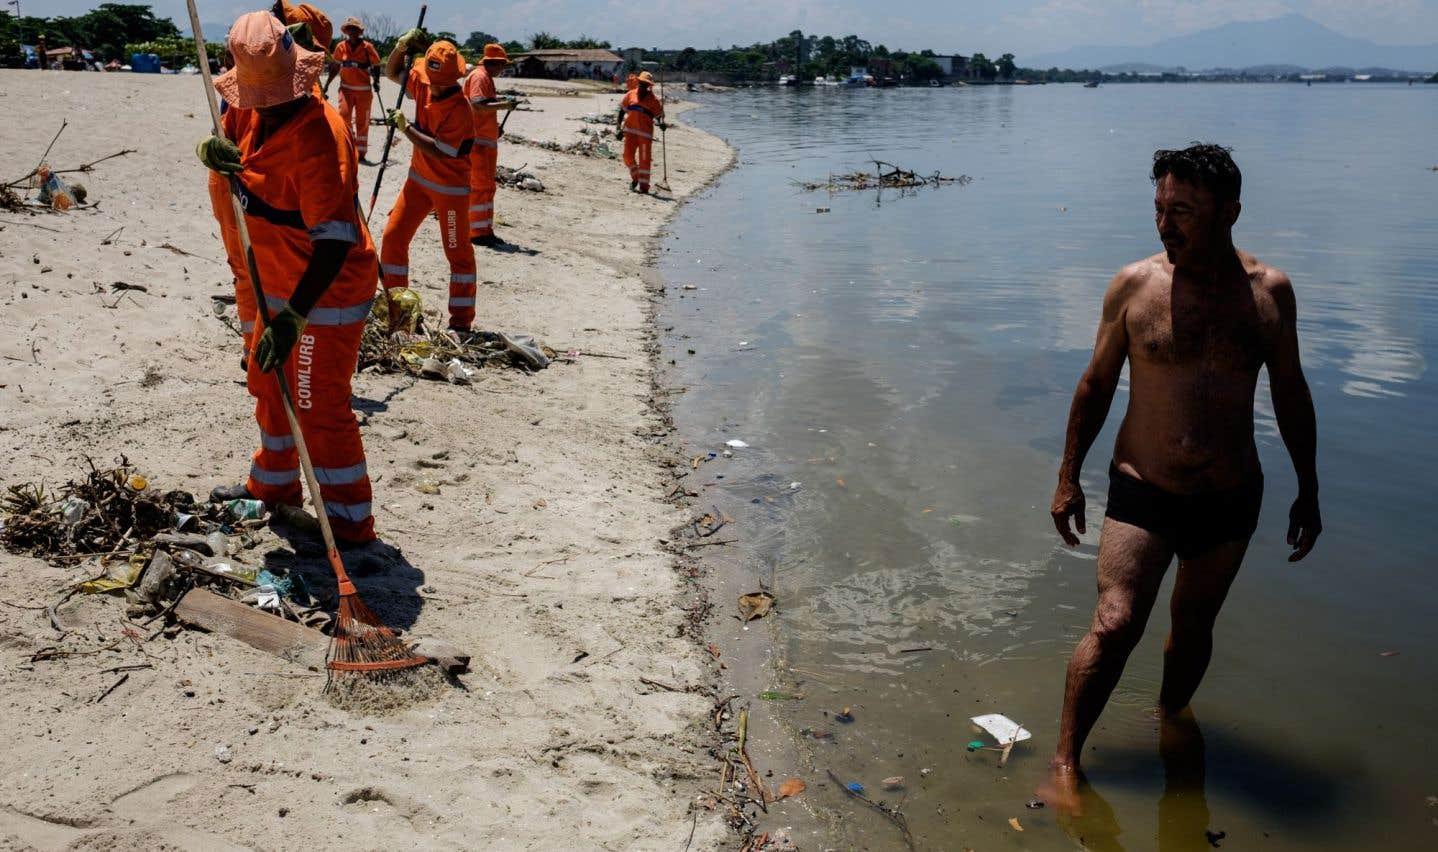 Des employés municipaux ramassaient des débris sur une plage de la baie de Guanabara, à Rio de Janeiro, en décembre 2015, où se tiendront les compétitions aquatiques aux prochains Jeux olympiques.